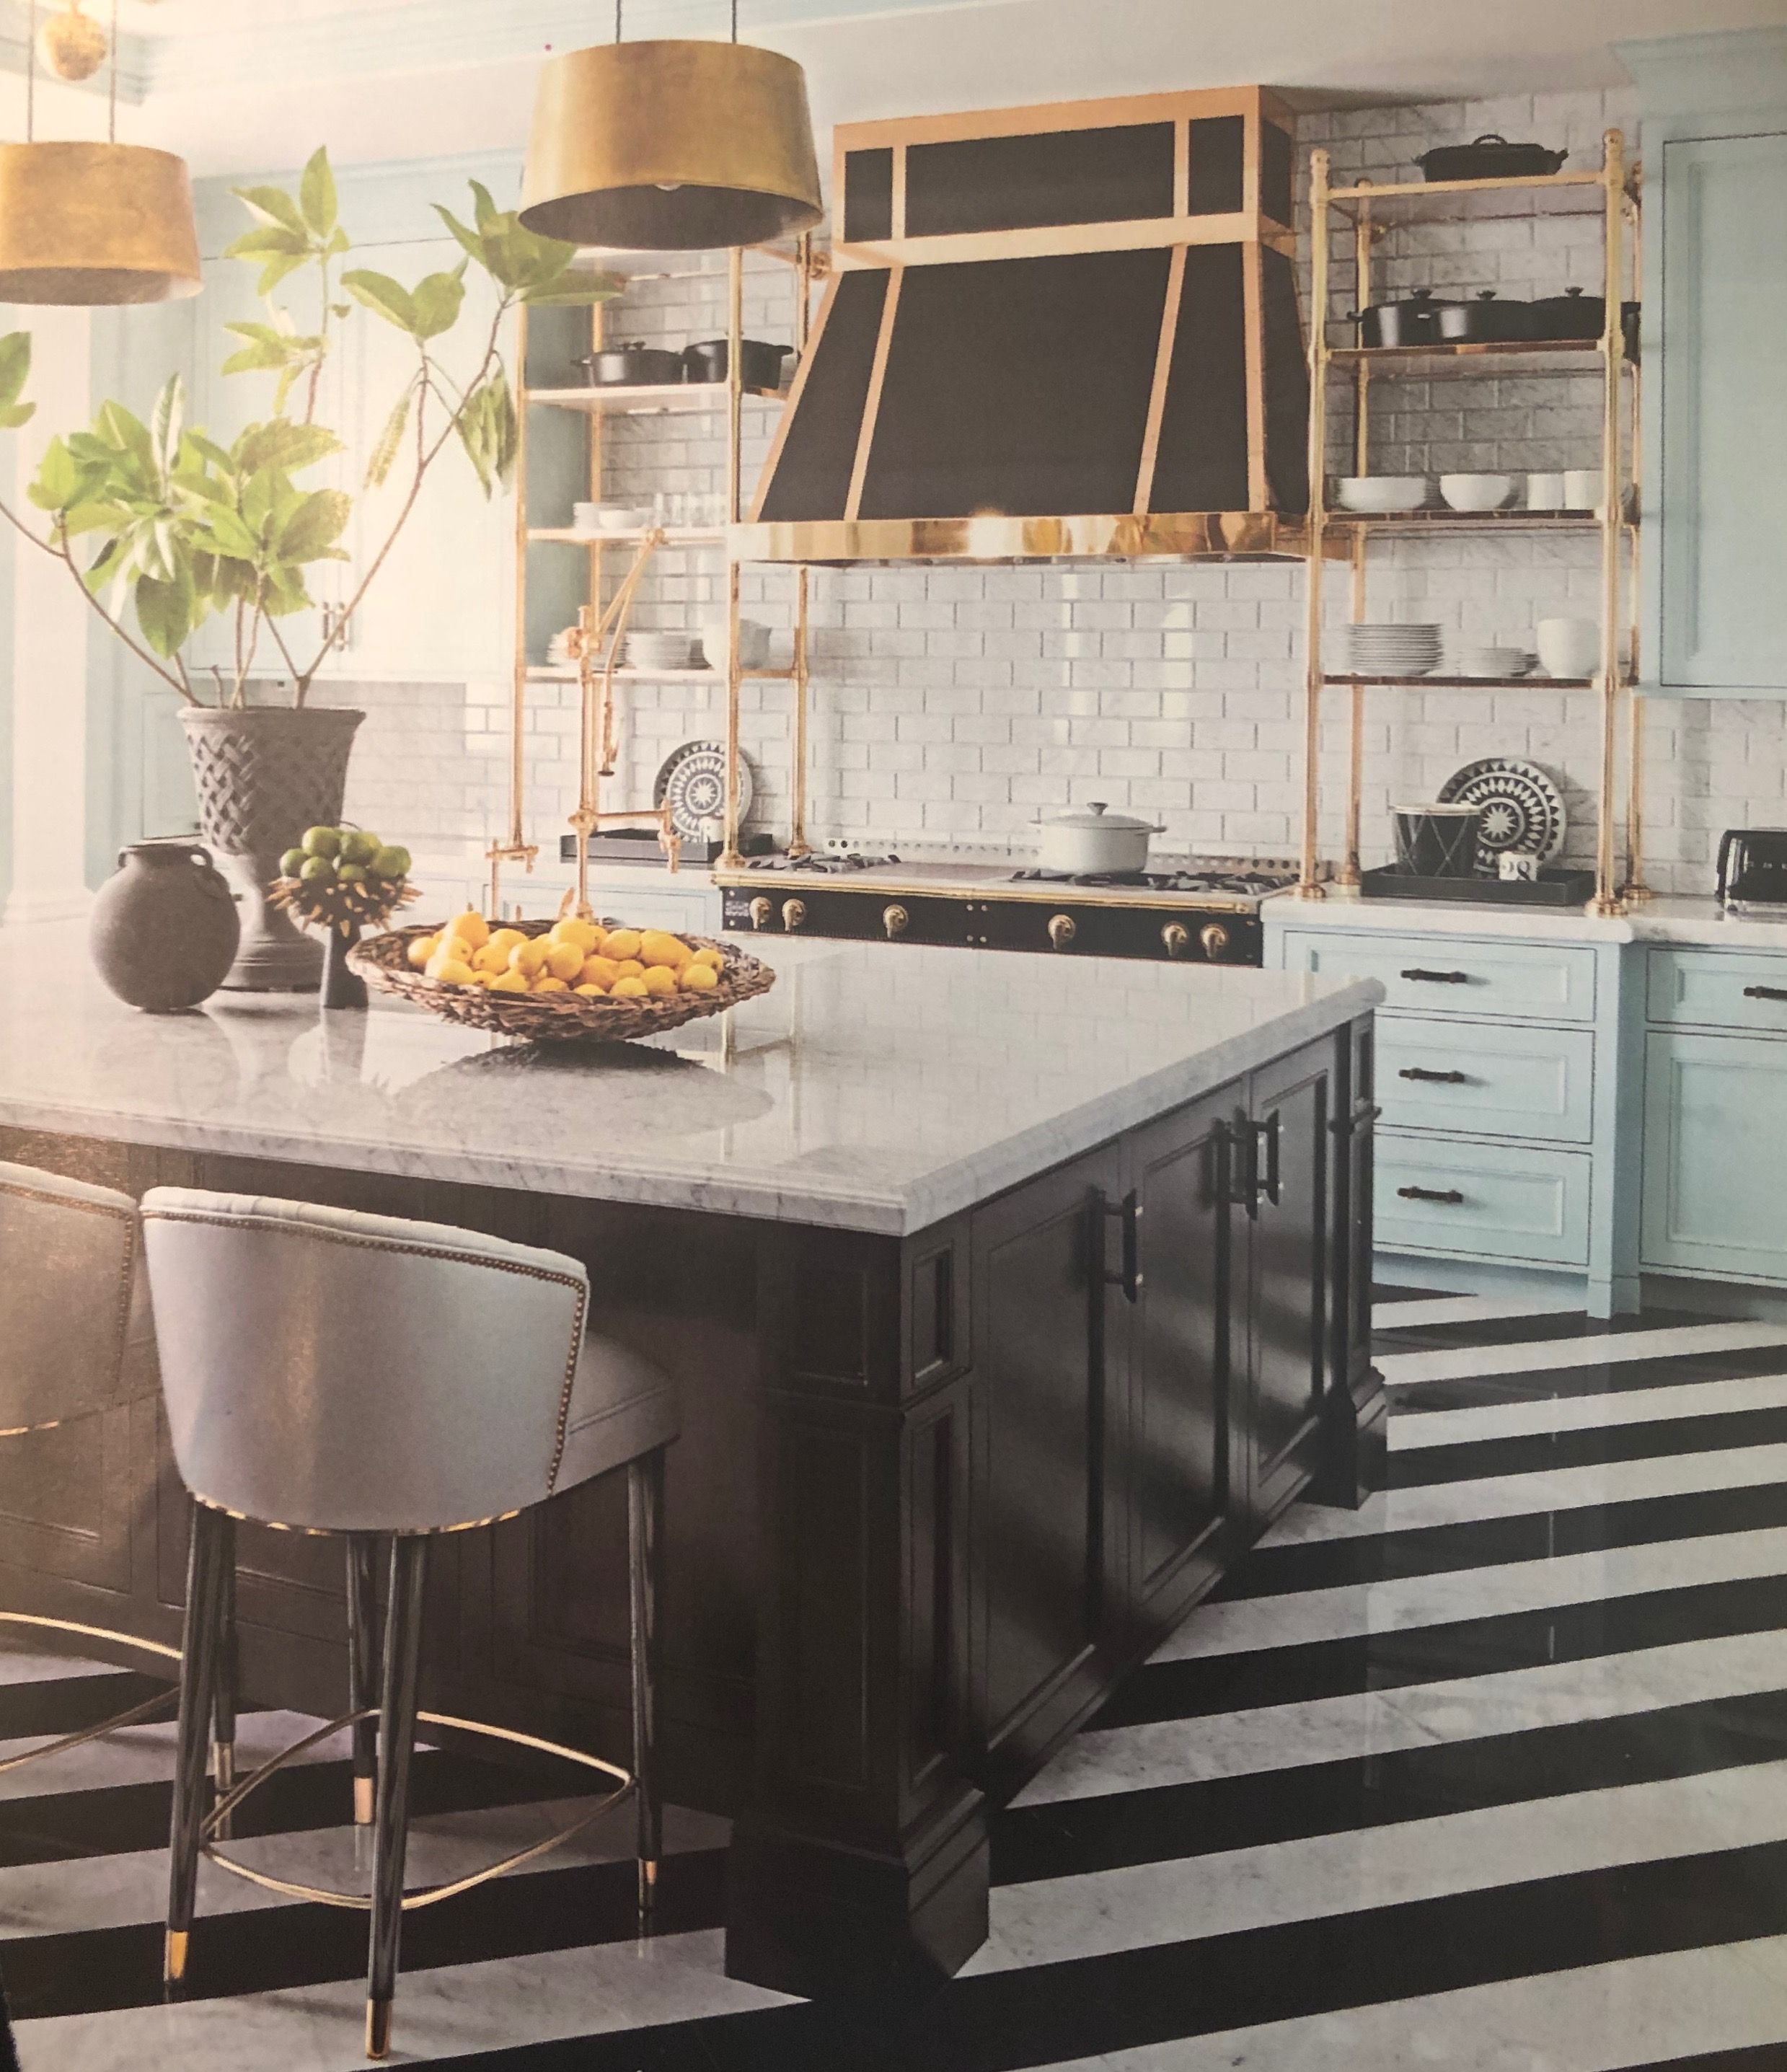 Pin by Karen Carter on Design Kitchen Kitchen design